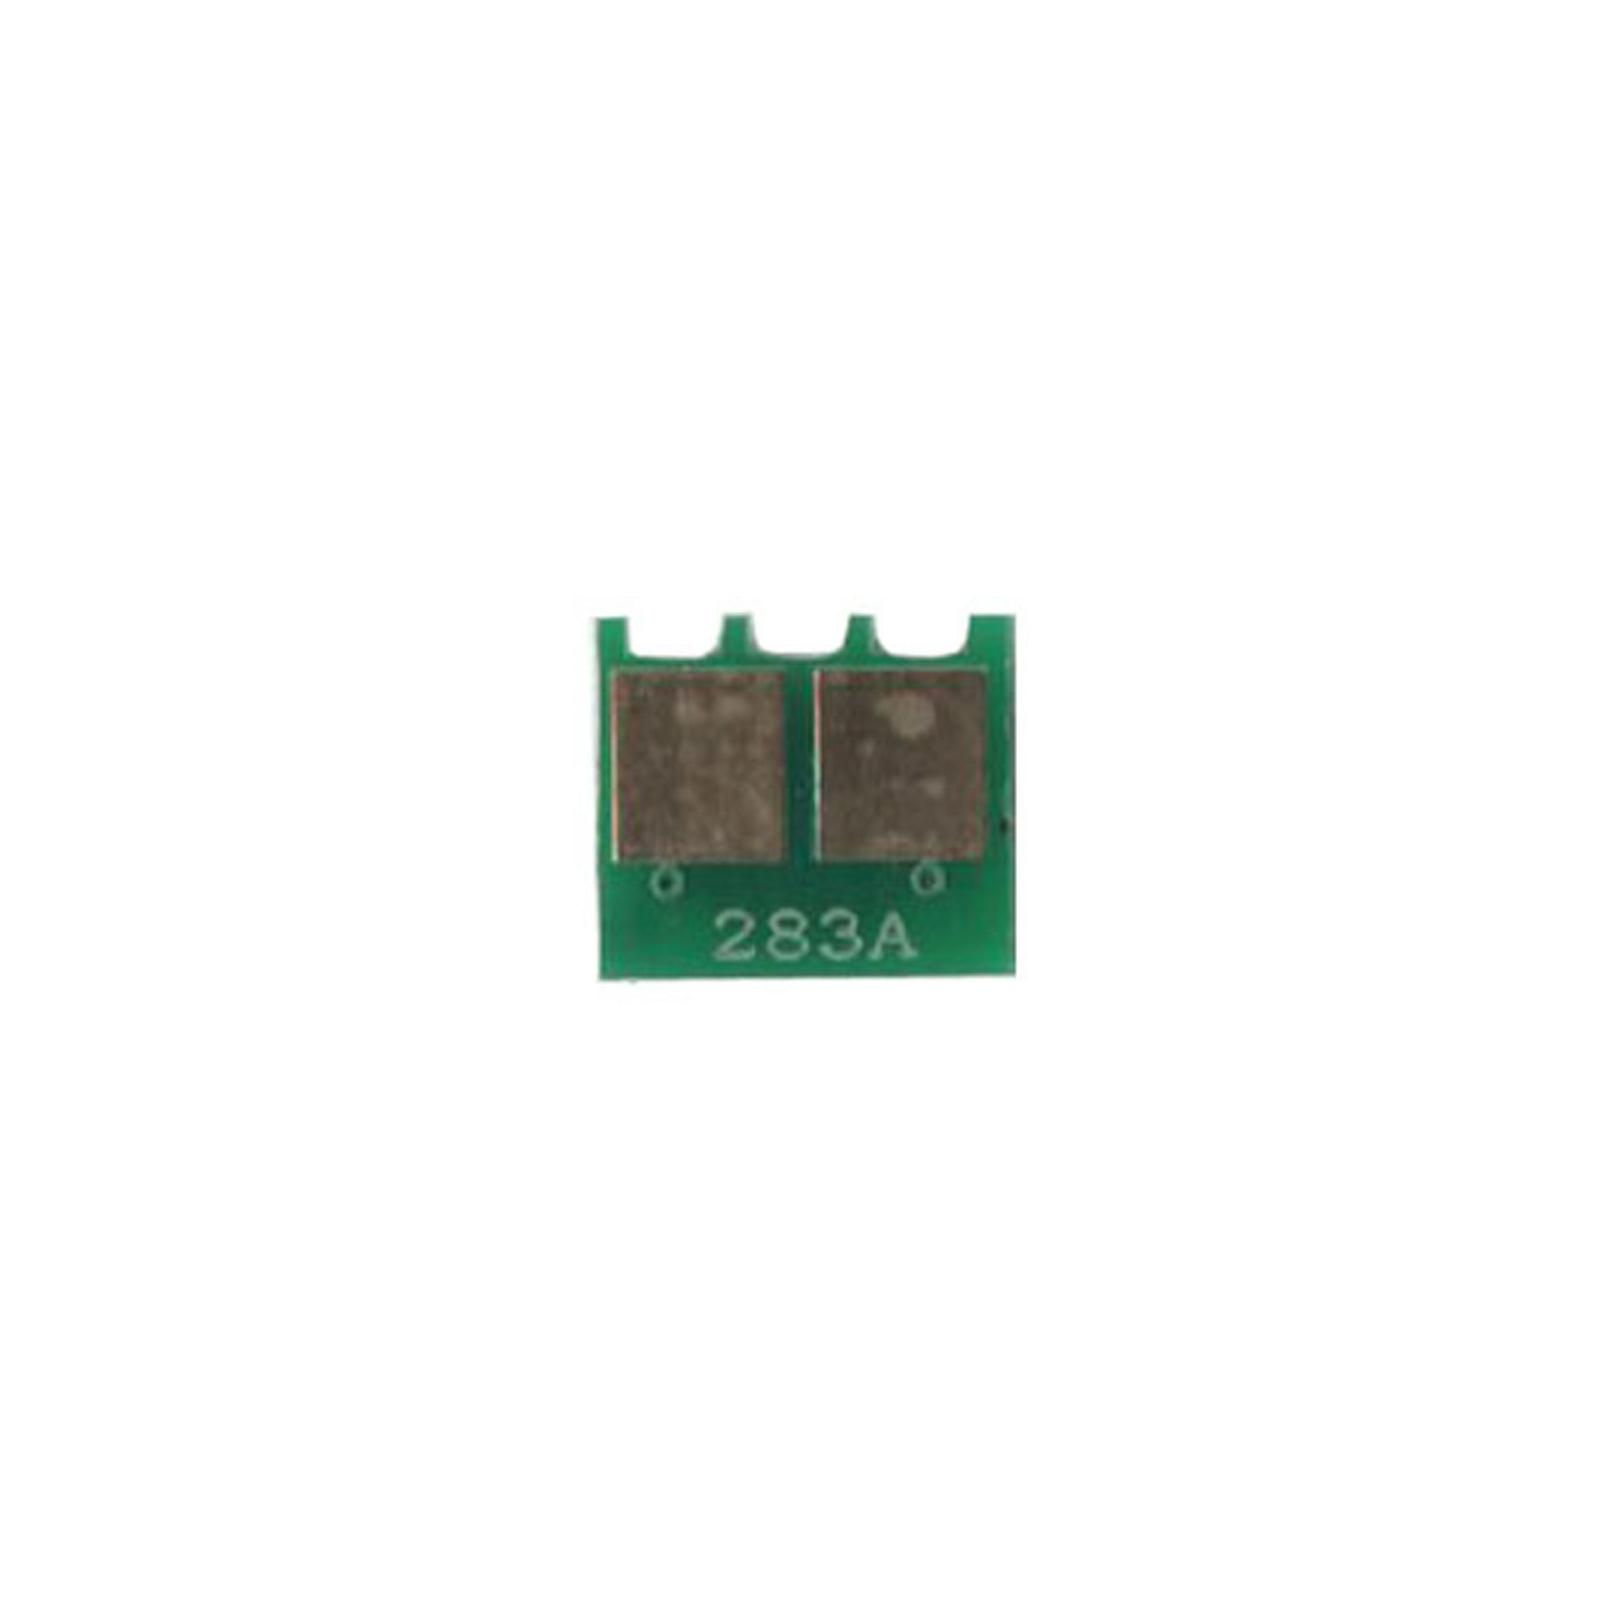 Чип для картриджа HP LJ Pro M125nw/M127fn (для CF283A) BASF (WWMID-82806)